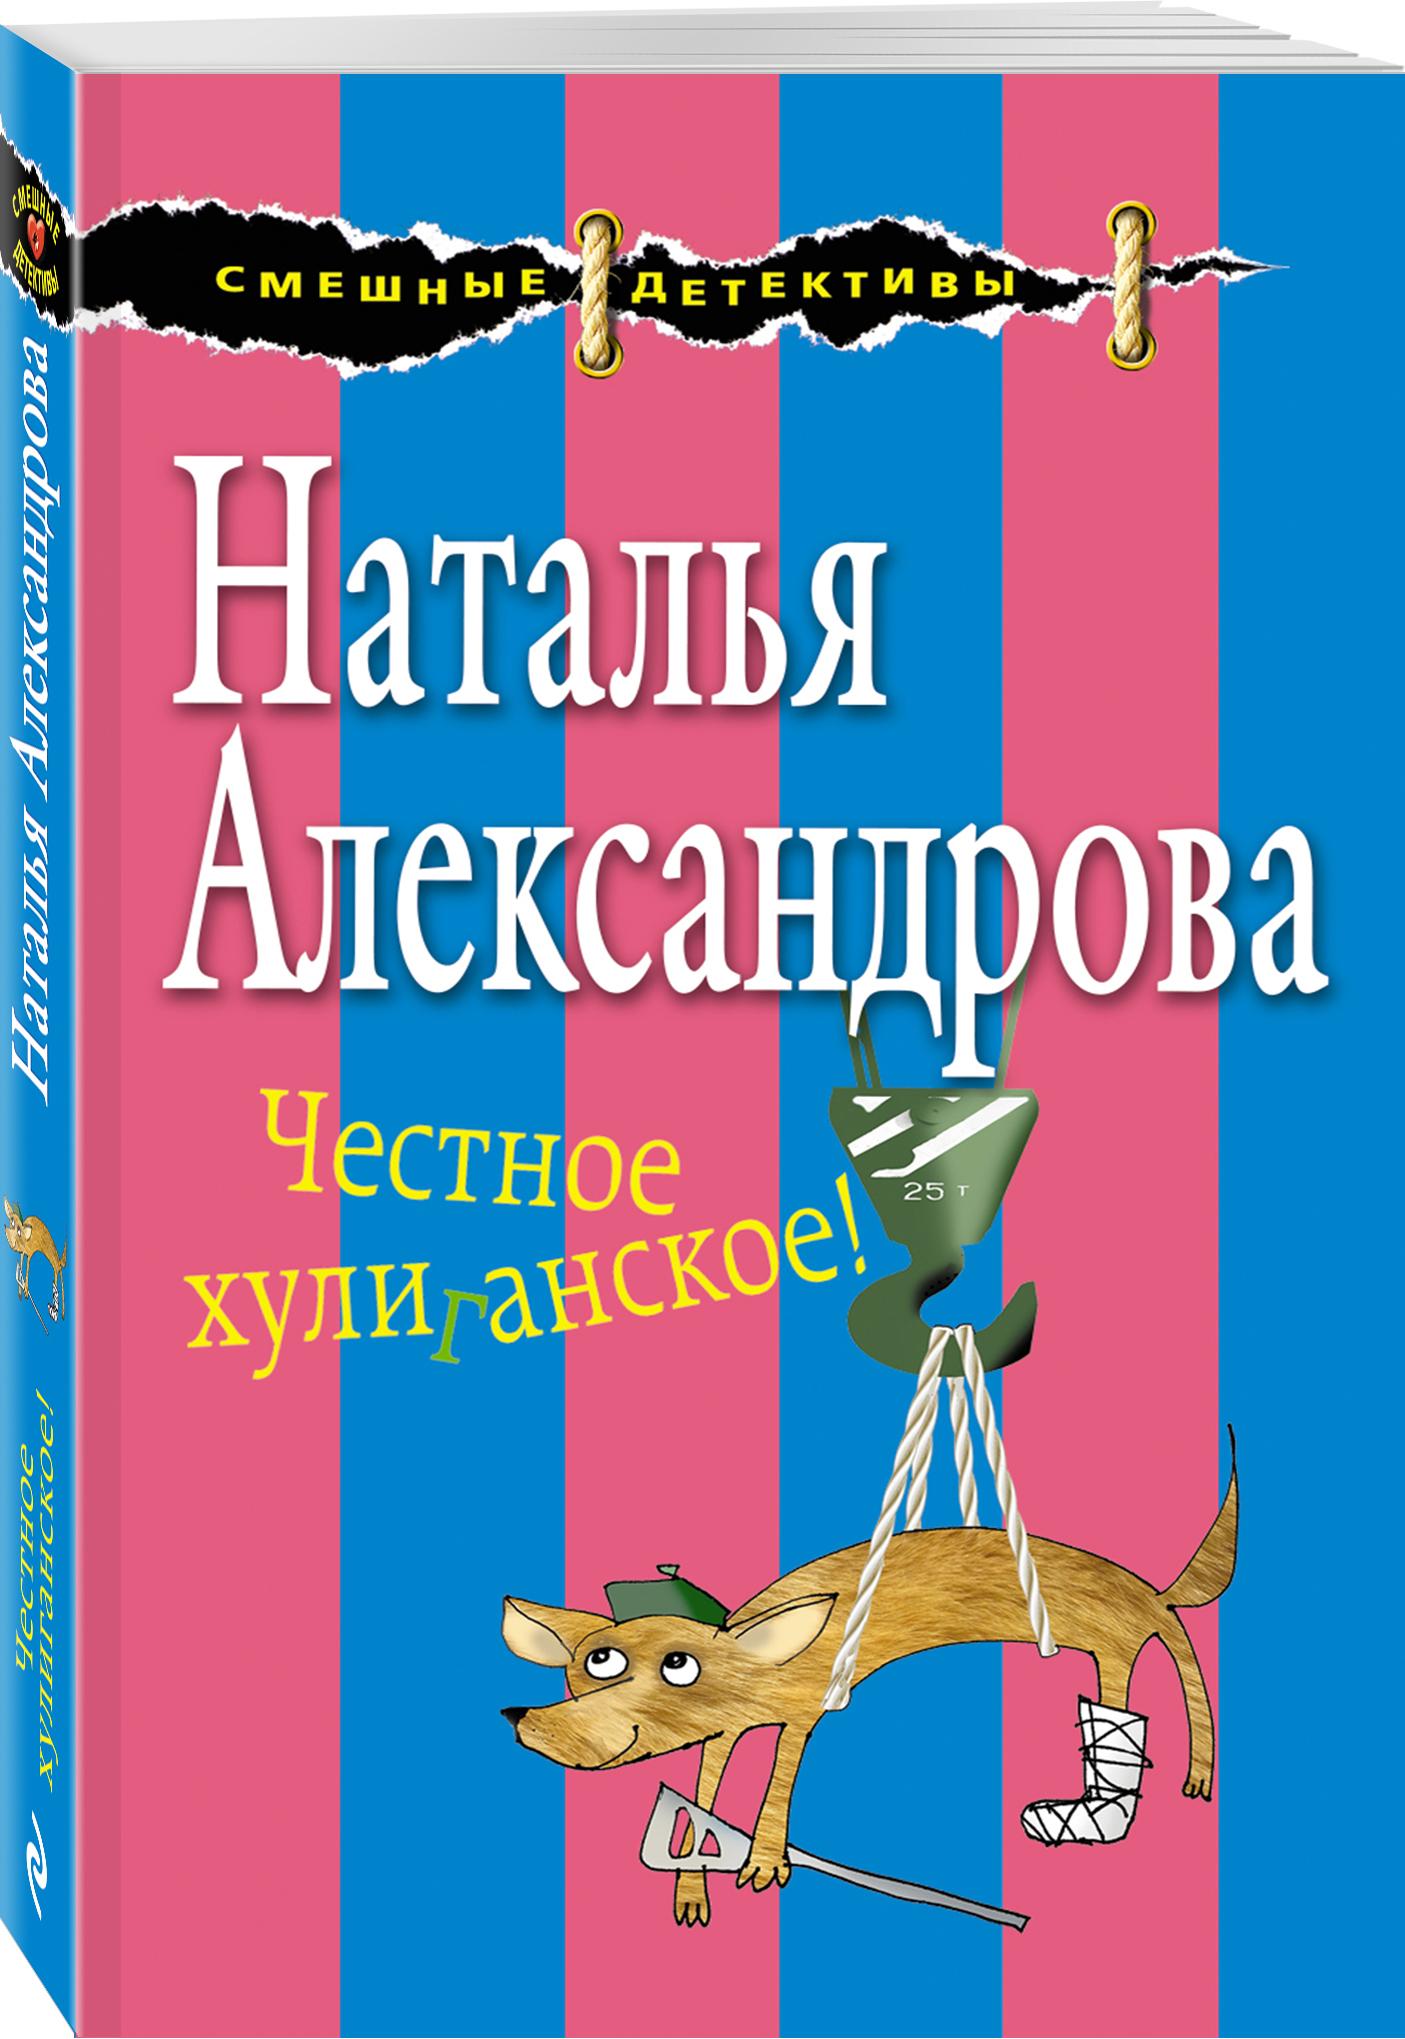 Александрова Н.Н. Честное хулиганское! софи лорен книга женщина и красота